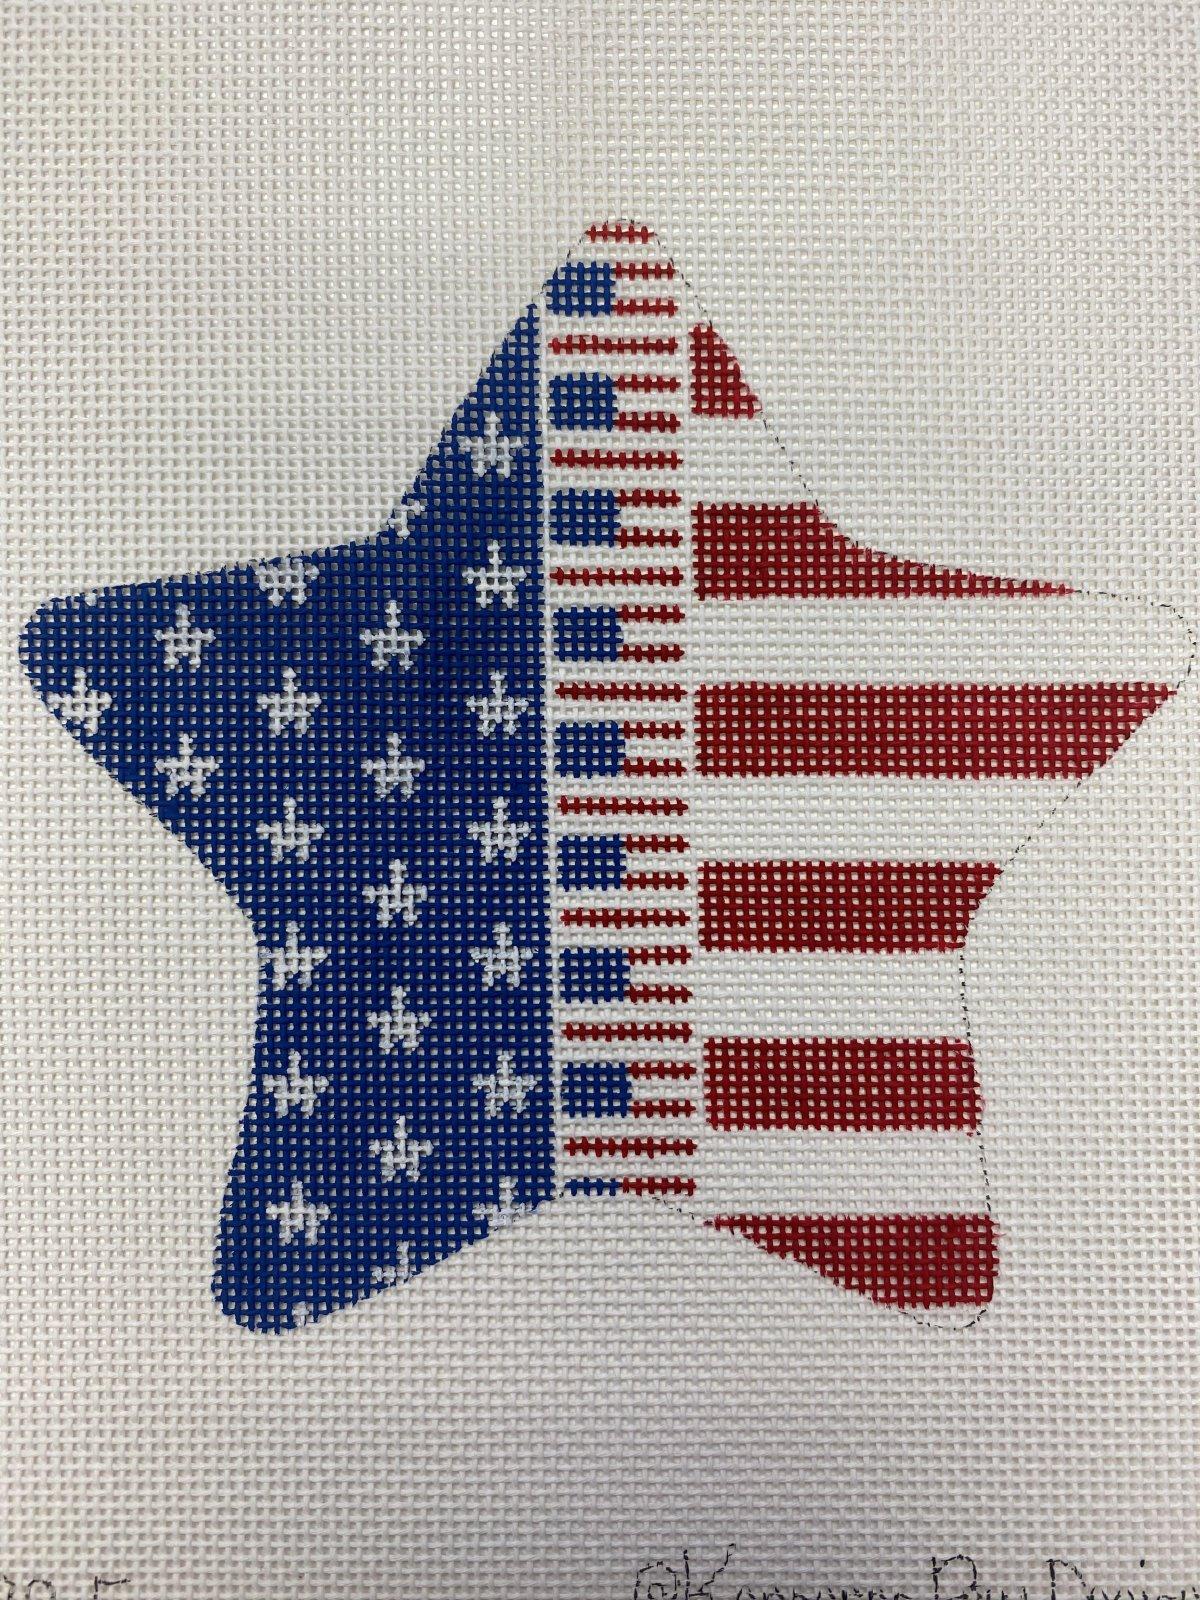 Patriotic Star - Flag zipper